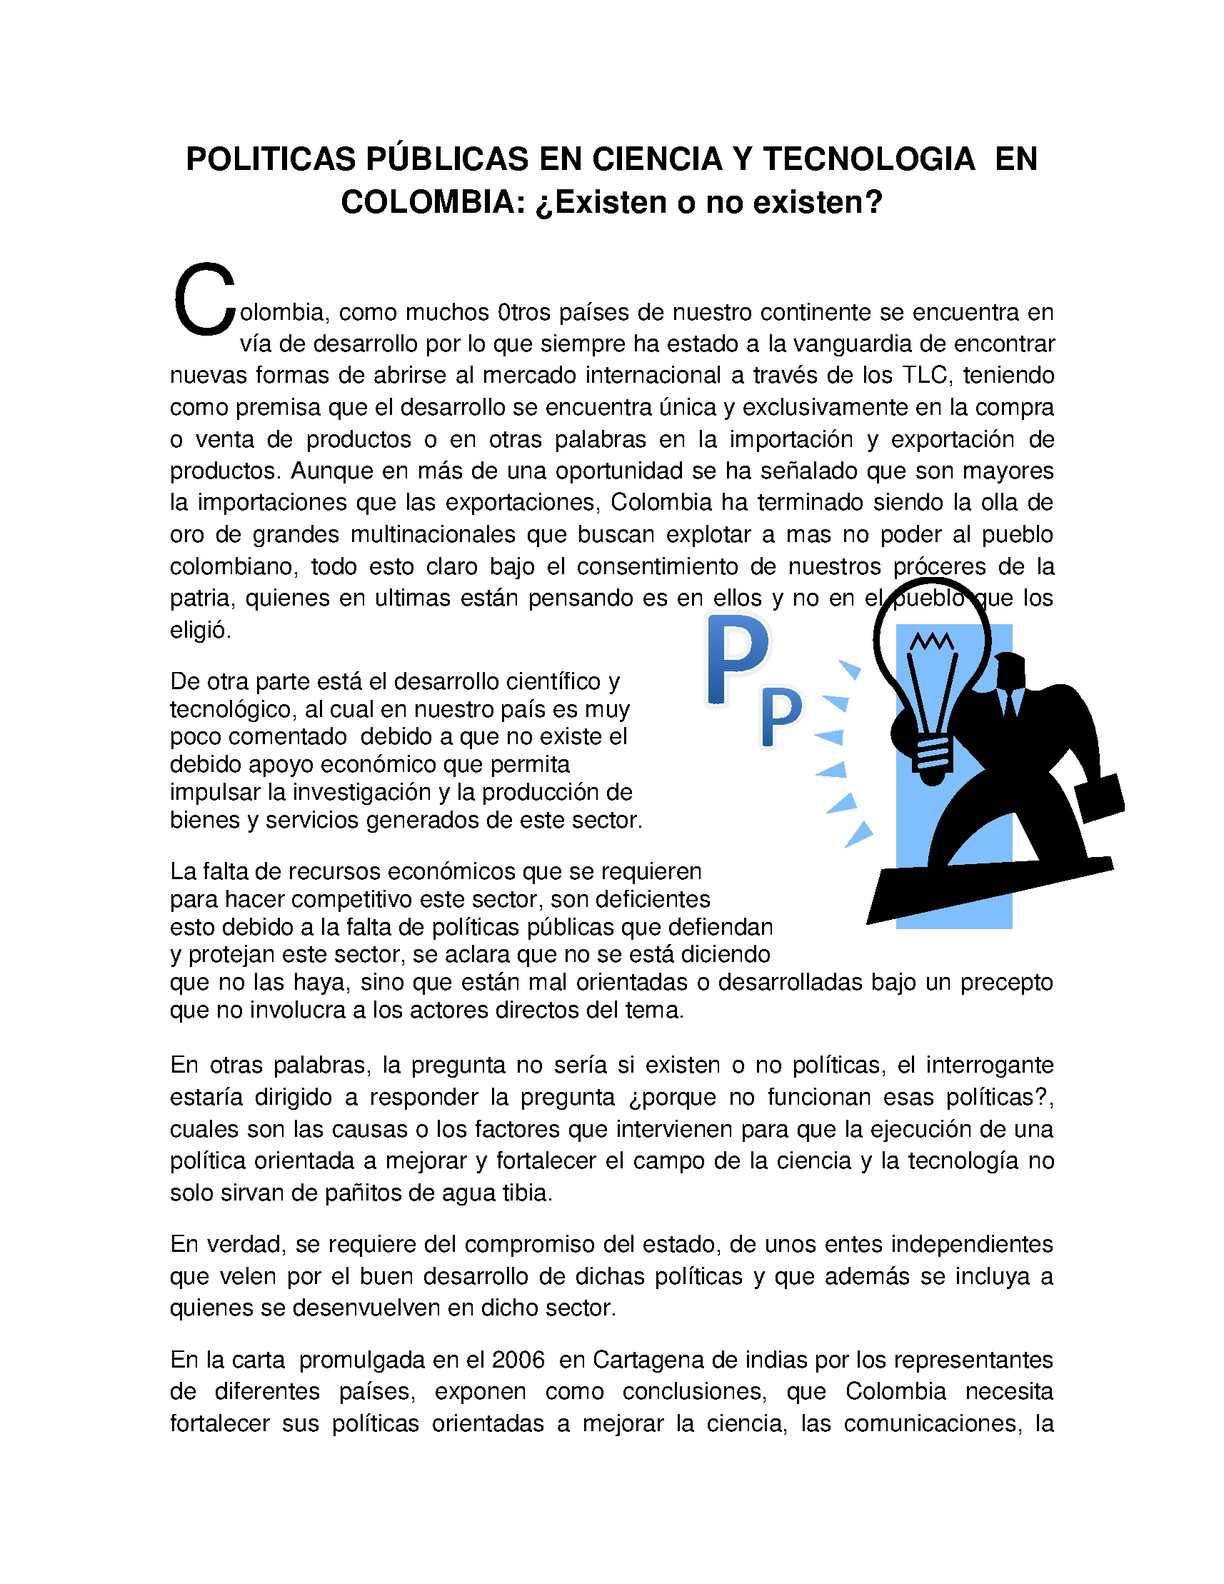 POLÍTICAS PÚBLICAS EN CIENCIA Y TECNOLOGÍA  EN COLOMBIA: ¿Existen o no existen?